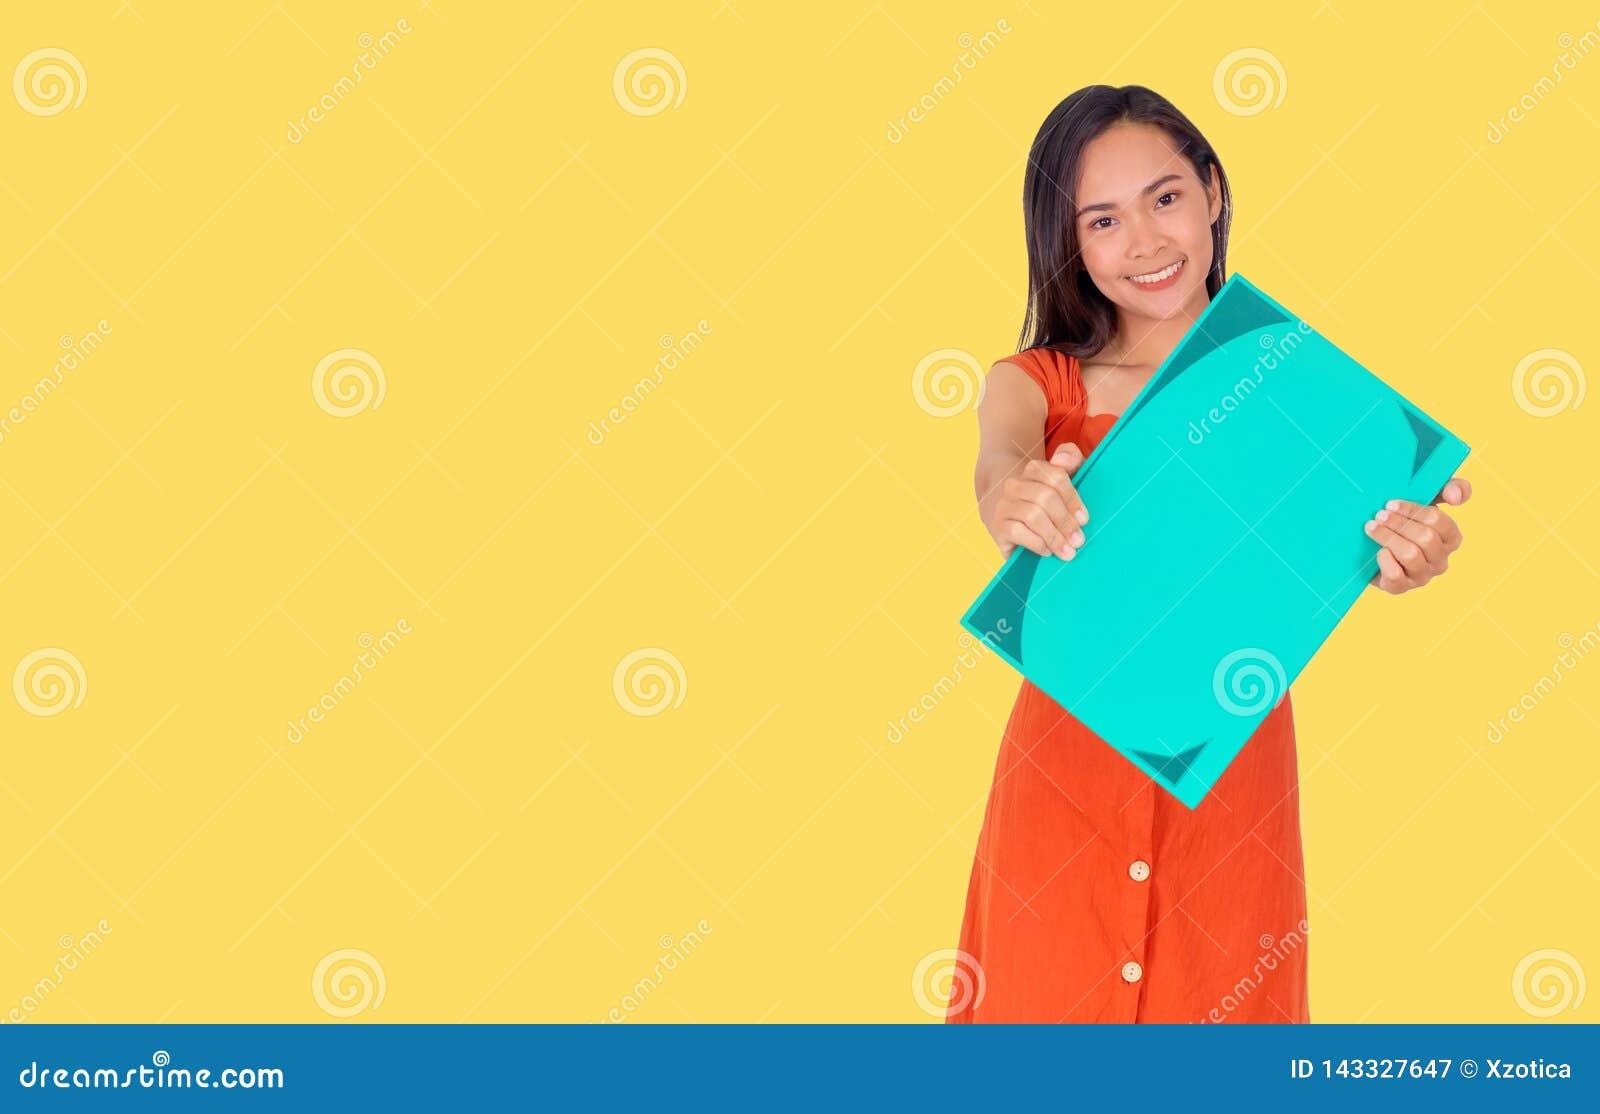 Den unga asiatiska flickan i orange klänning visar en stor grön bok till den gula bakgrunden för kameran